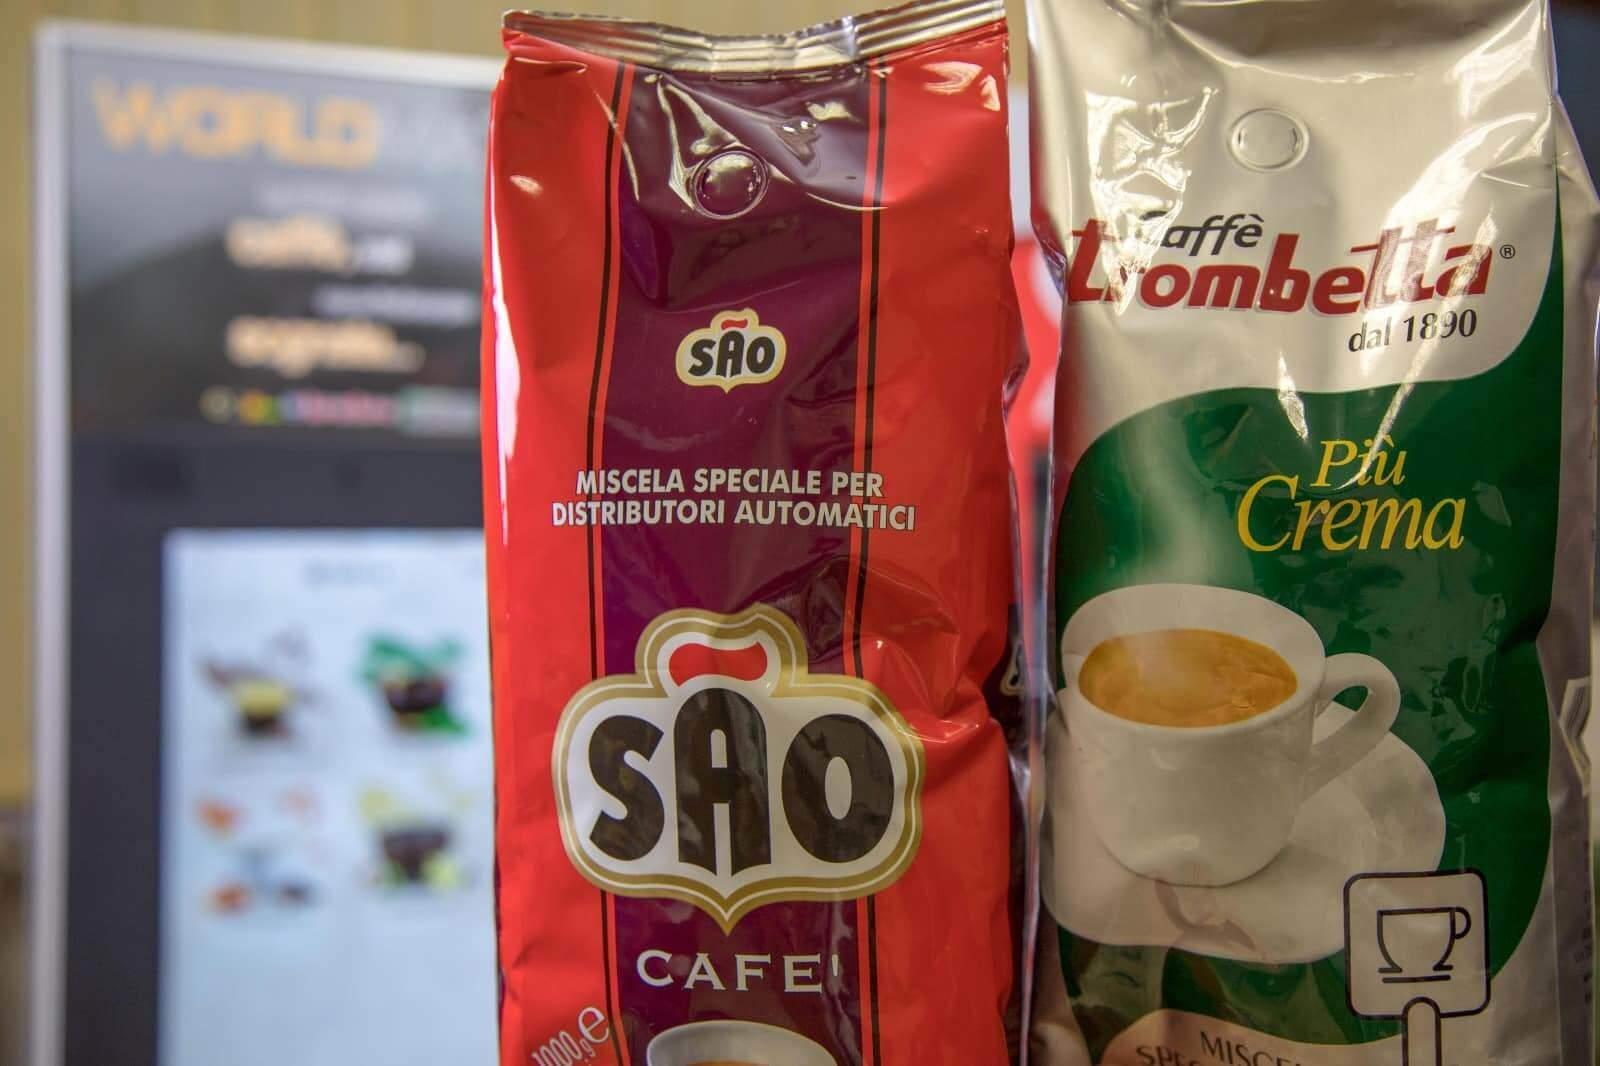 miscele di caffè distributori automatici